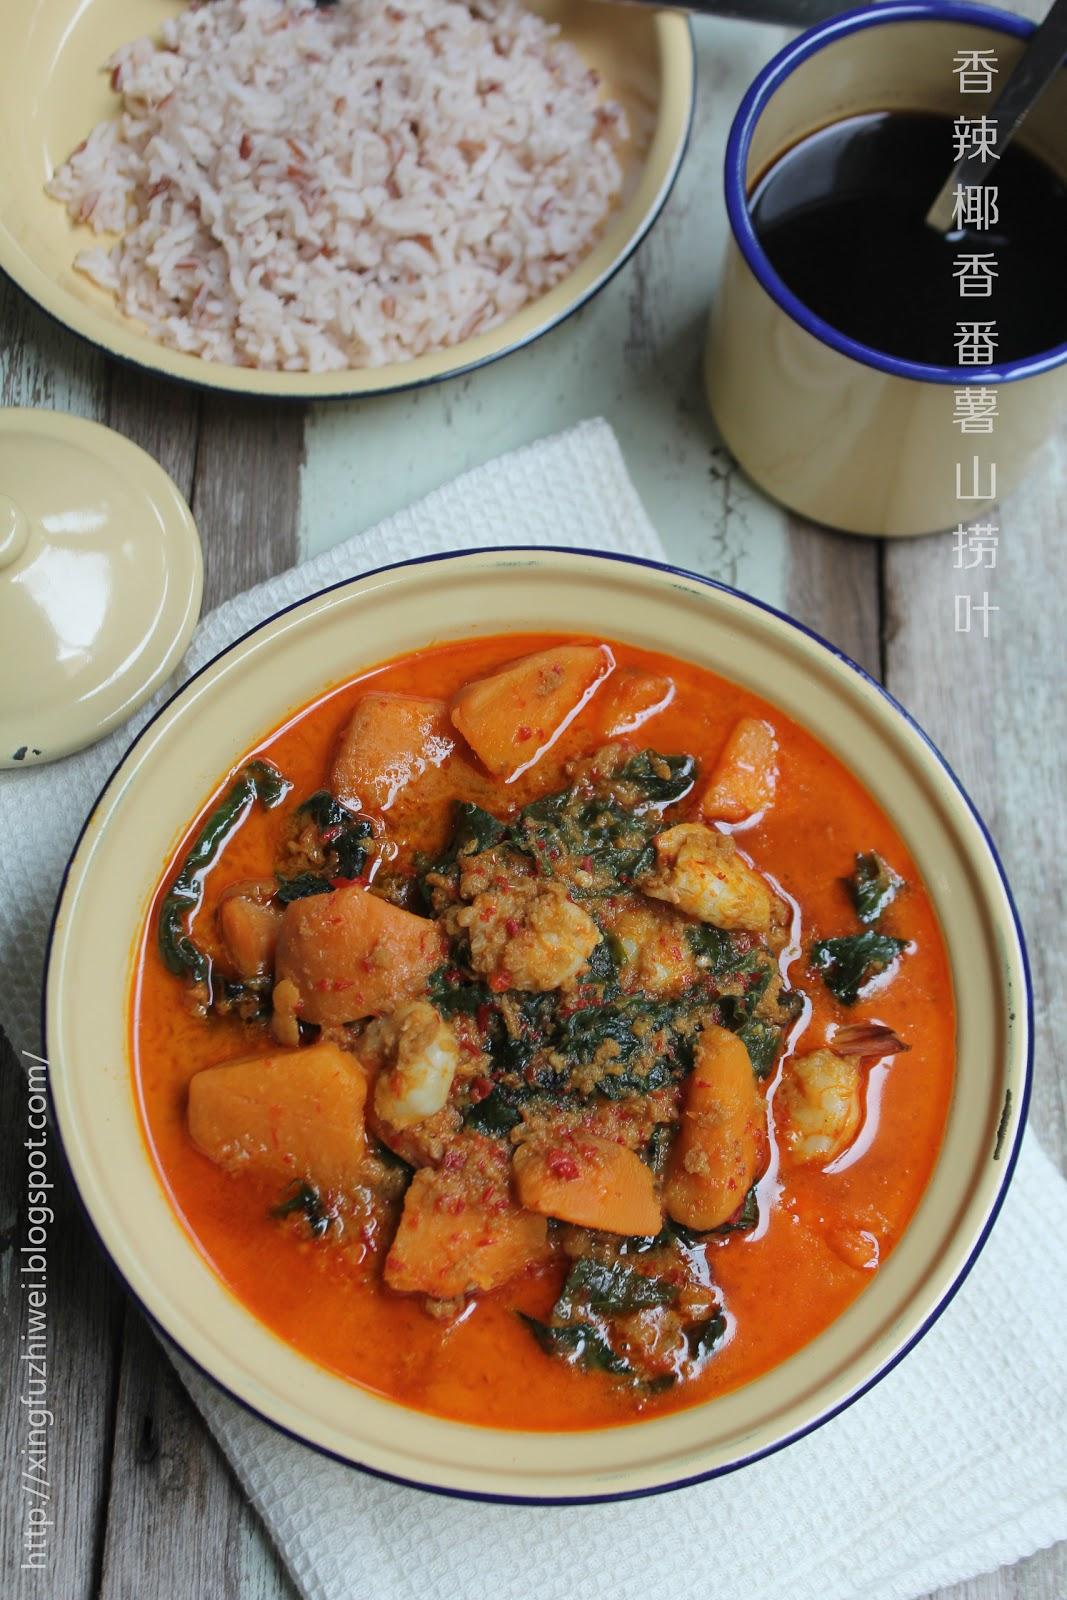 香辣椰香番薯山捞叶 Masak Lemak Daun Kaduk & Ubi Udang